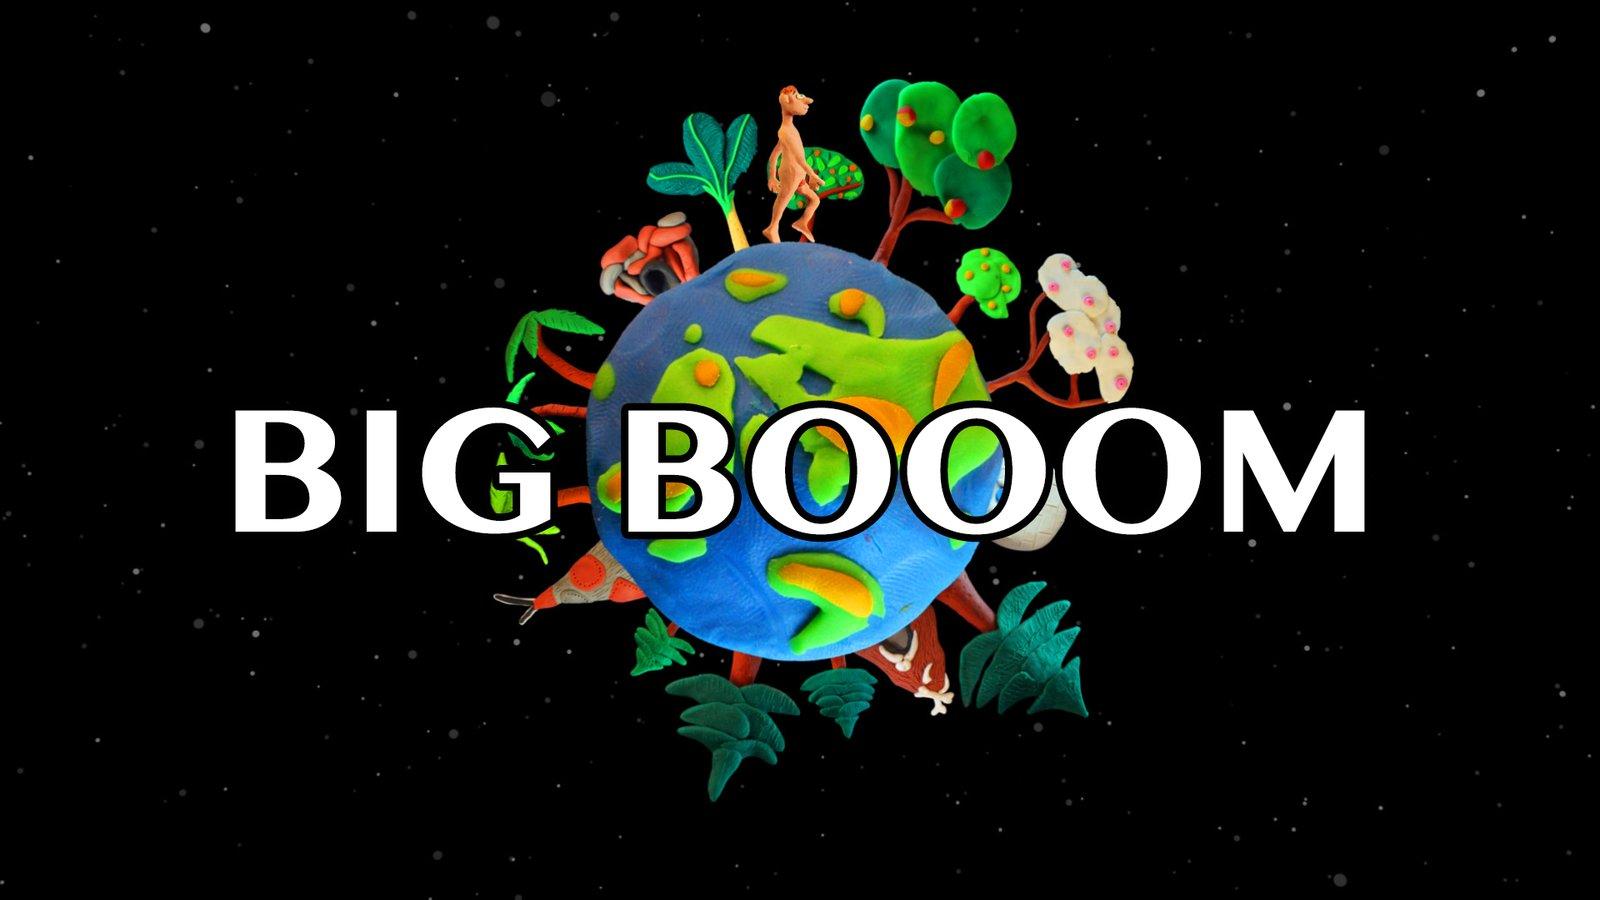 Big Booom